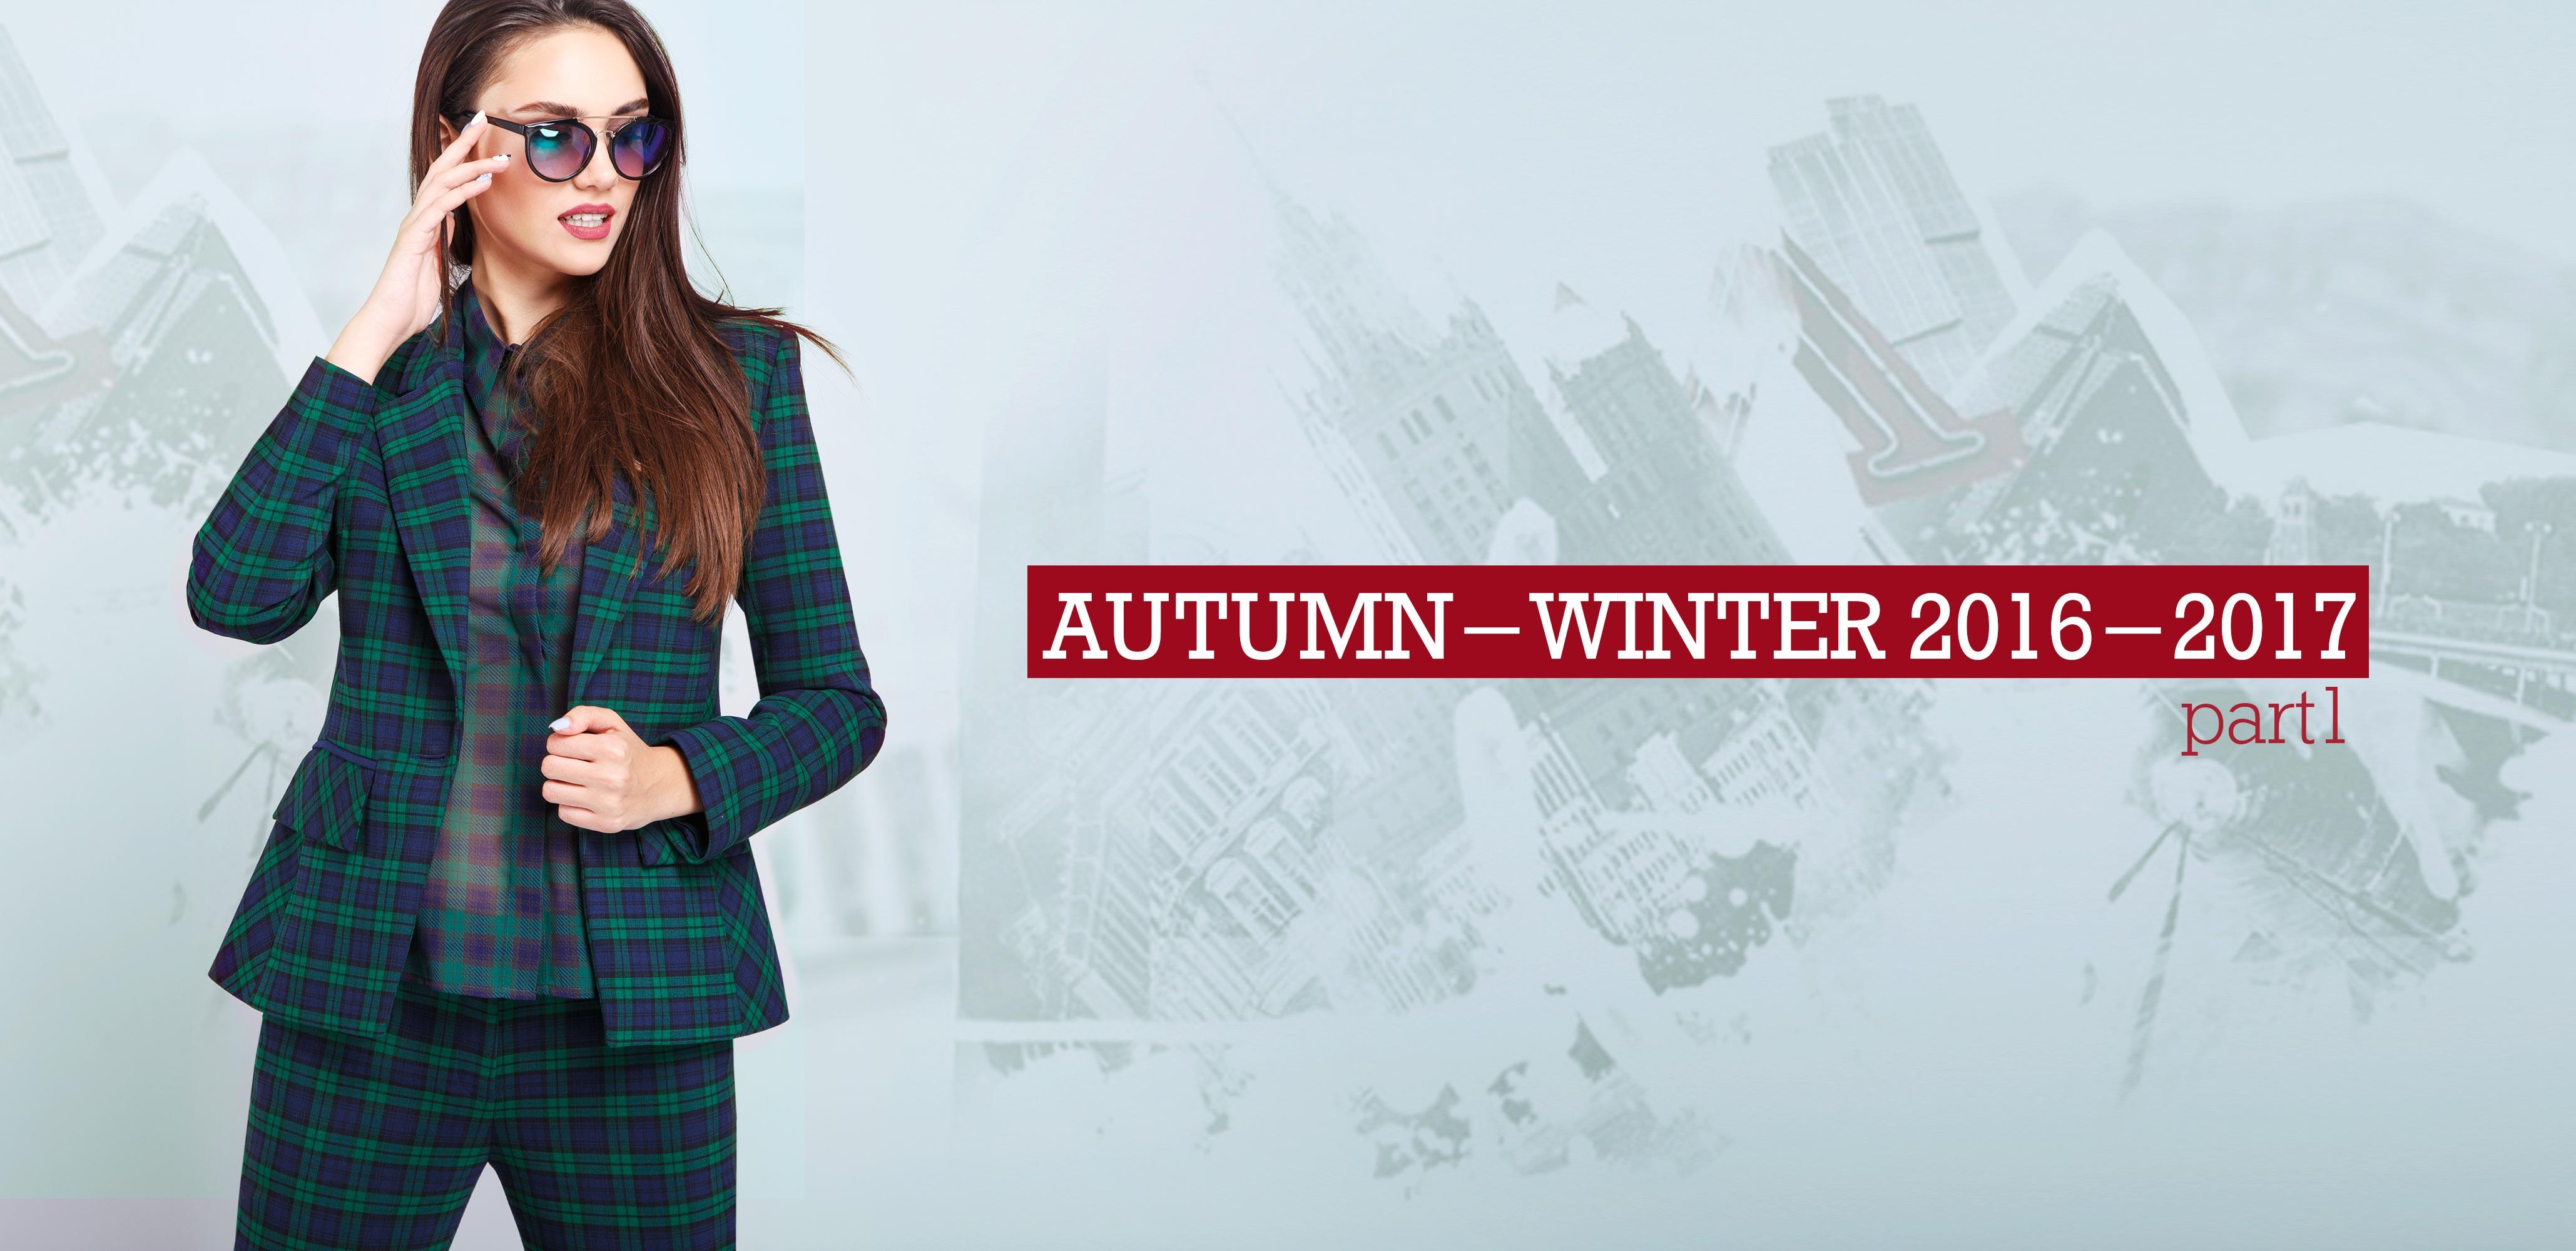 Сбор заказов. Новая коллекция осень-зима одежды Lavela, Barlen и Luckyоne - естественный выбор современной женщины